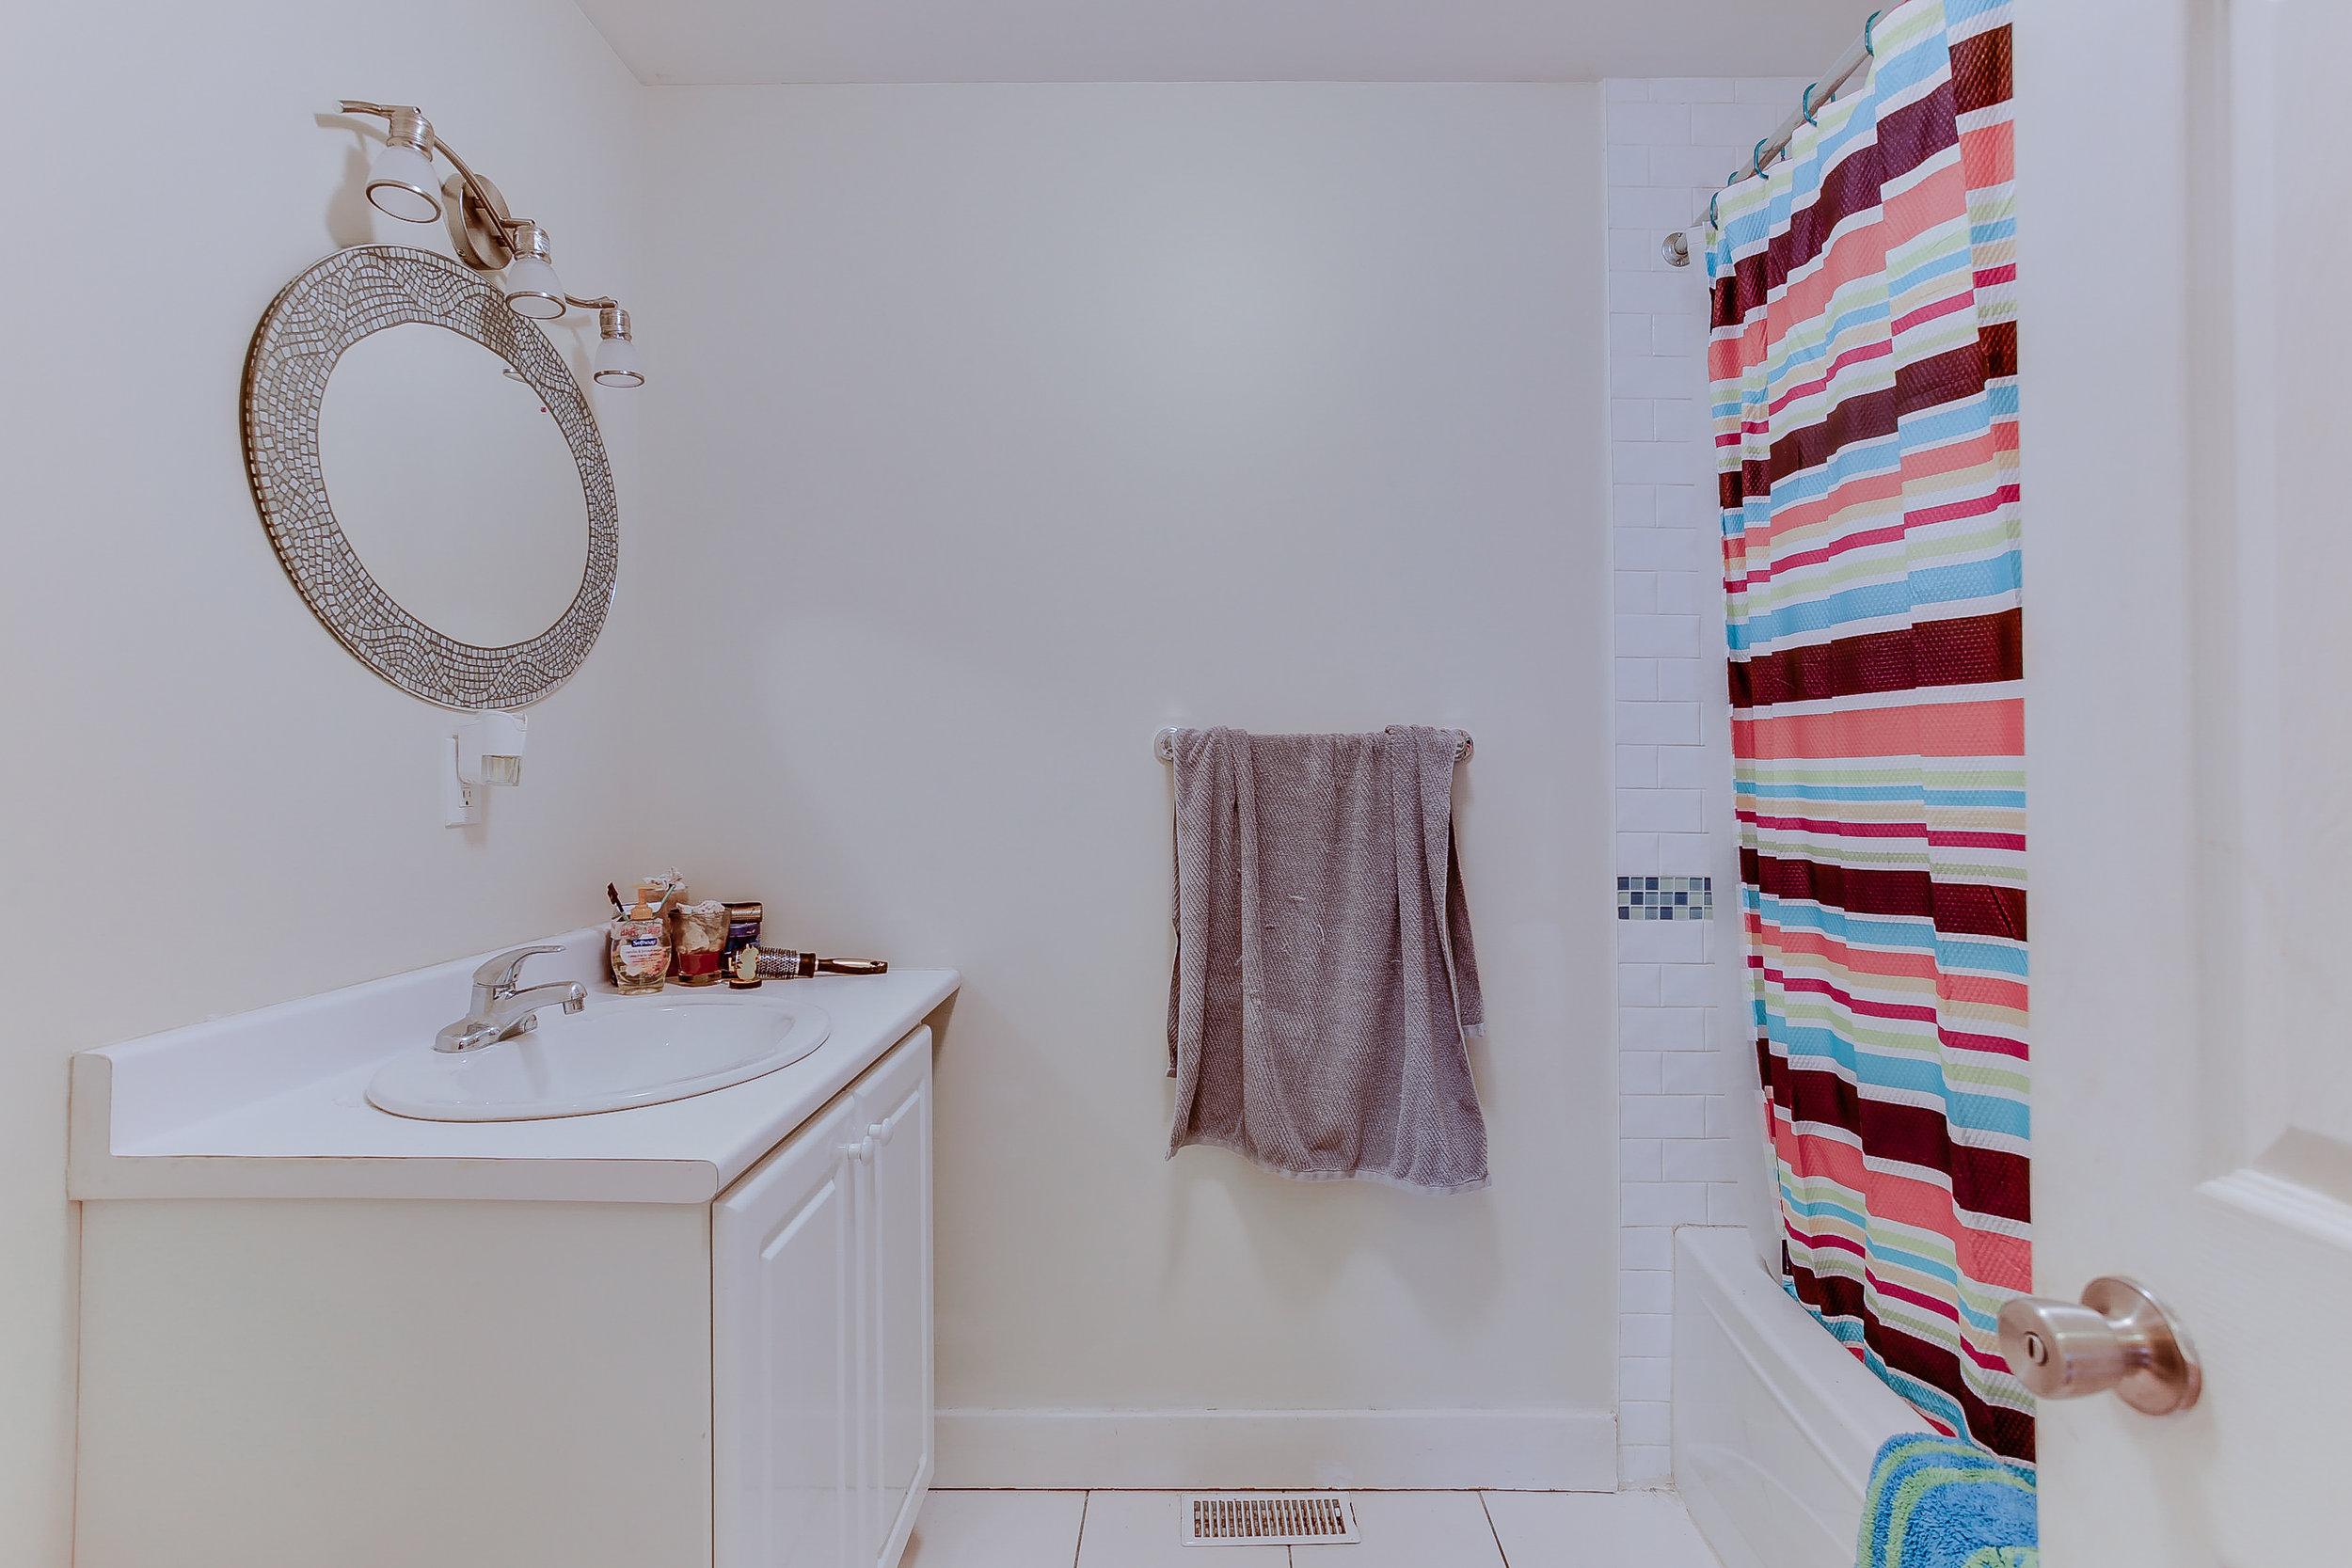 23_2ndbathroom1.jpg